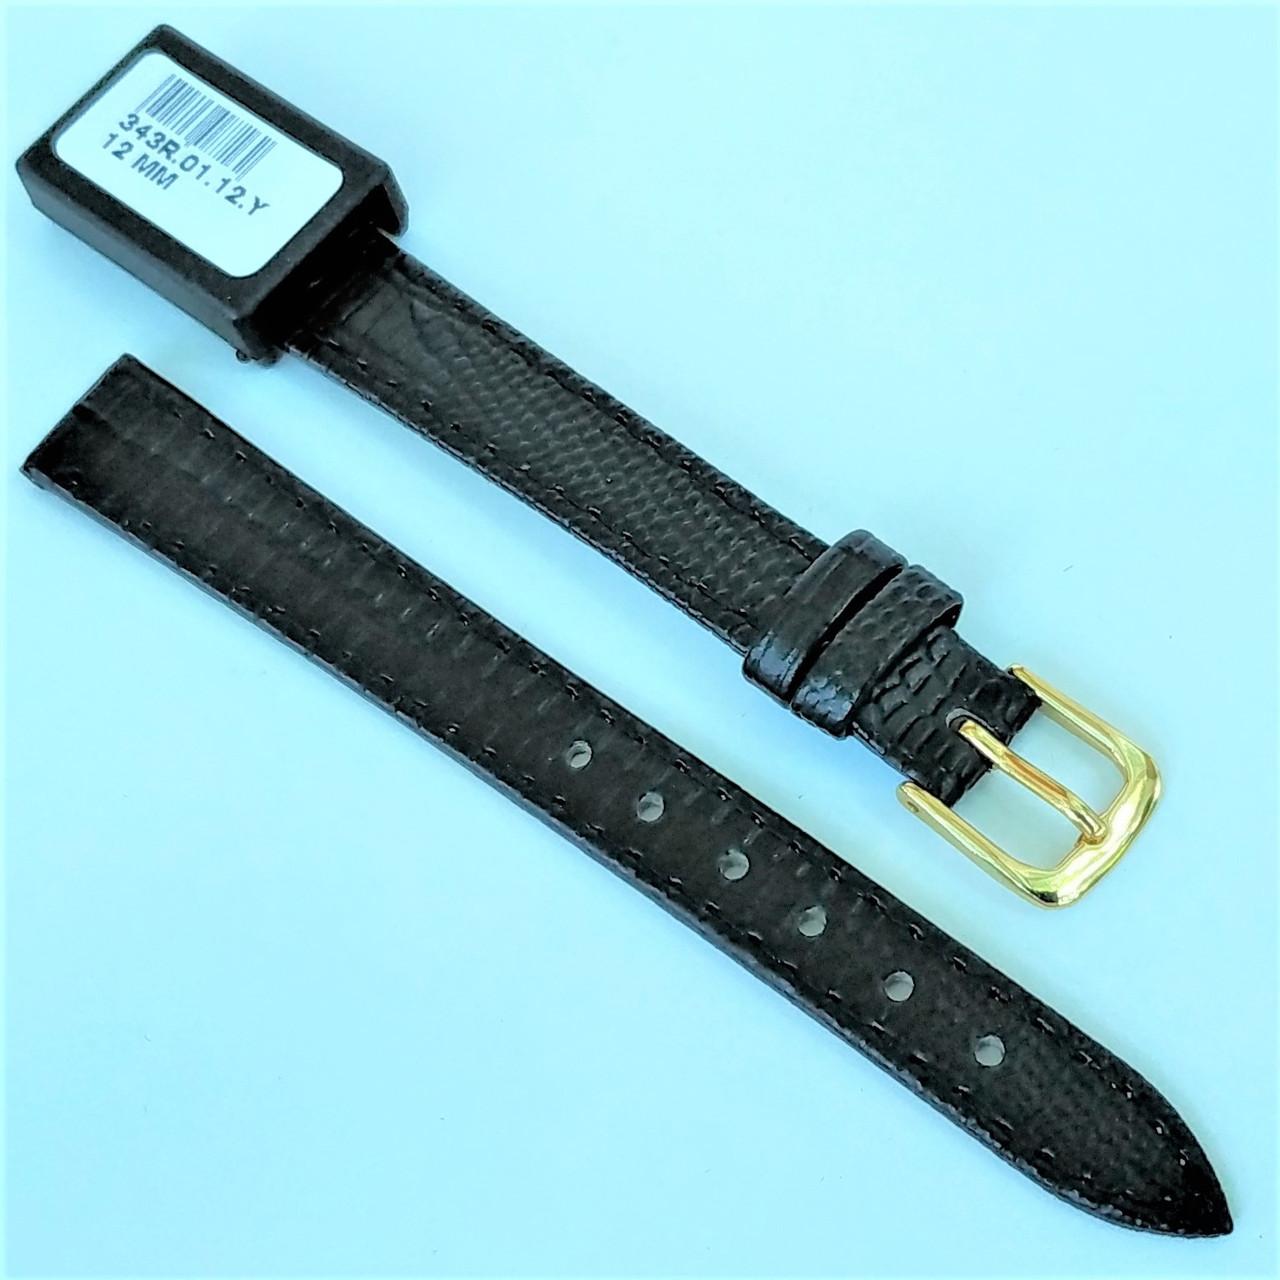 12 мм  Кожаный Ремешок для часов CONDOR 343.12.01 Черный Ремешок на часы из Натуральной кожи